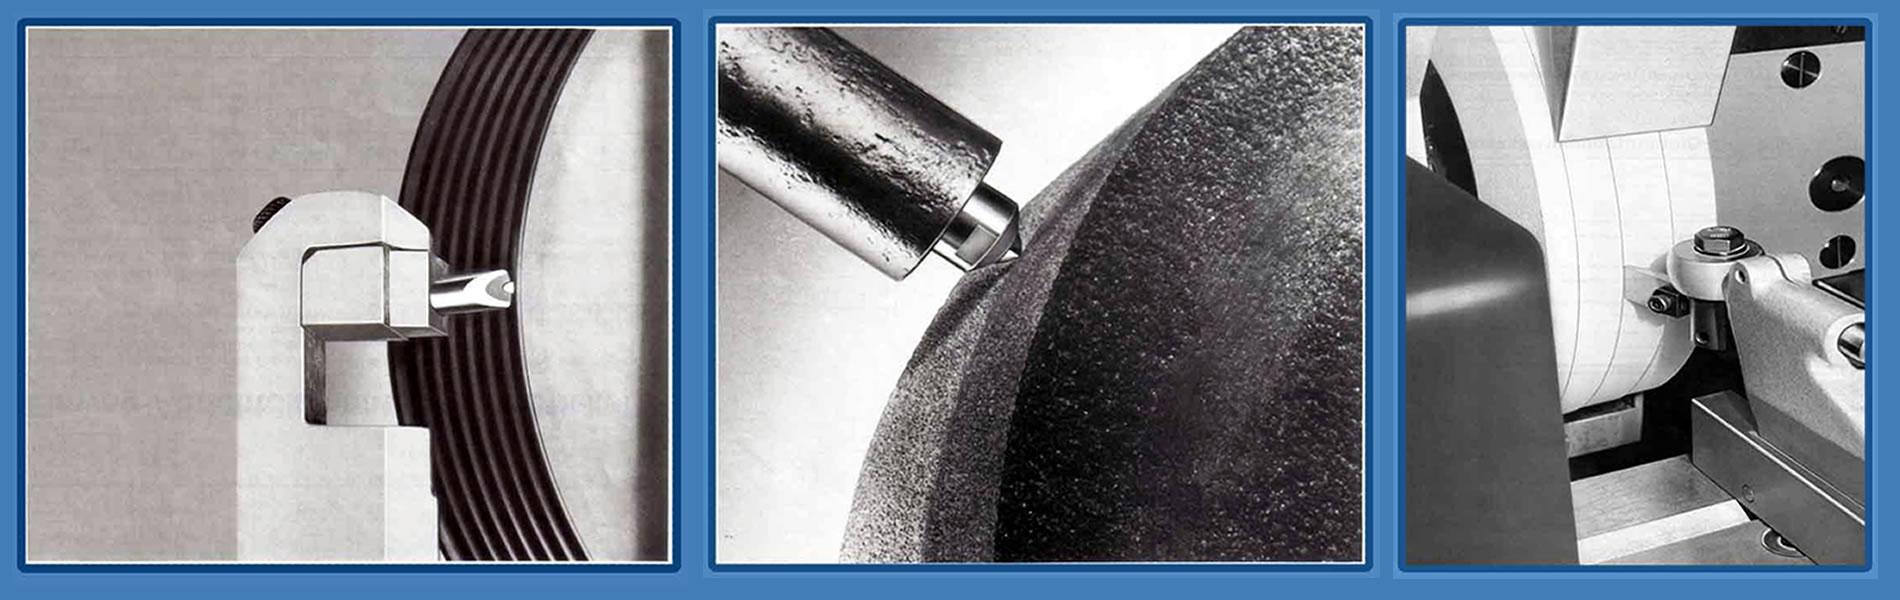 Dijamant S Temerin Proizvodnja i servis dijamantskih alata